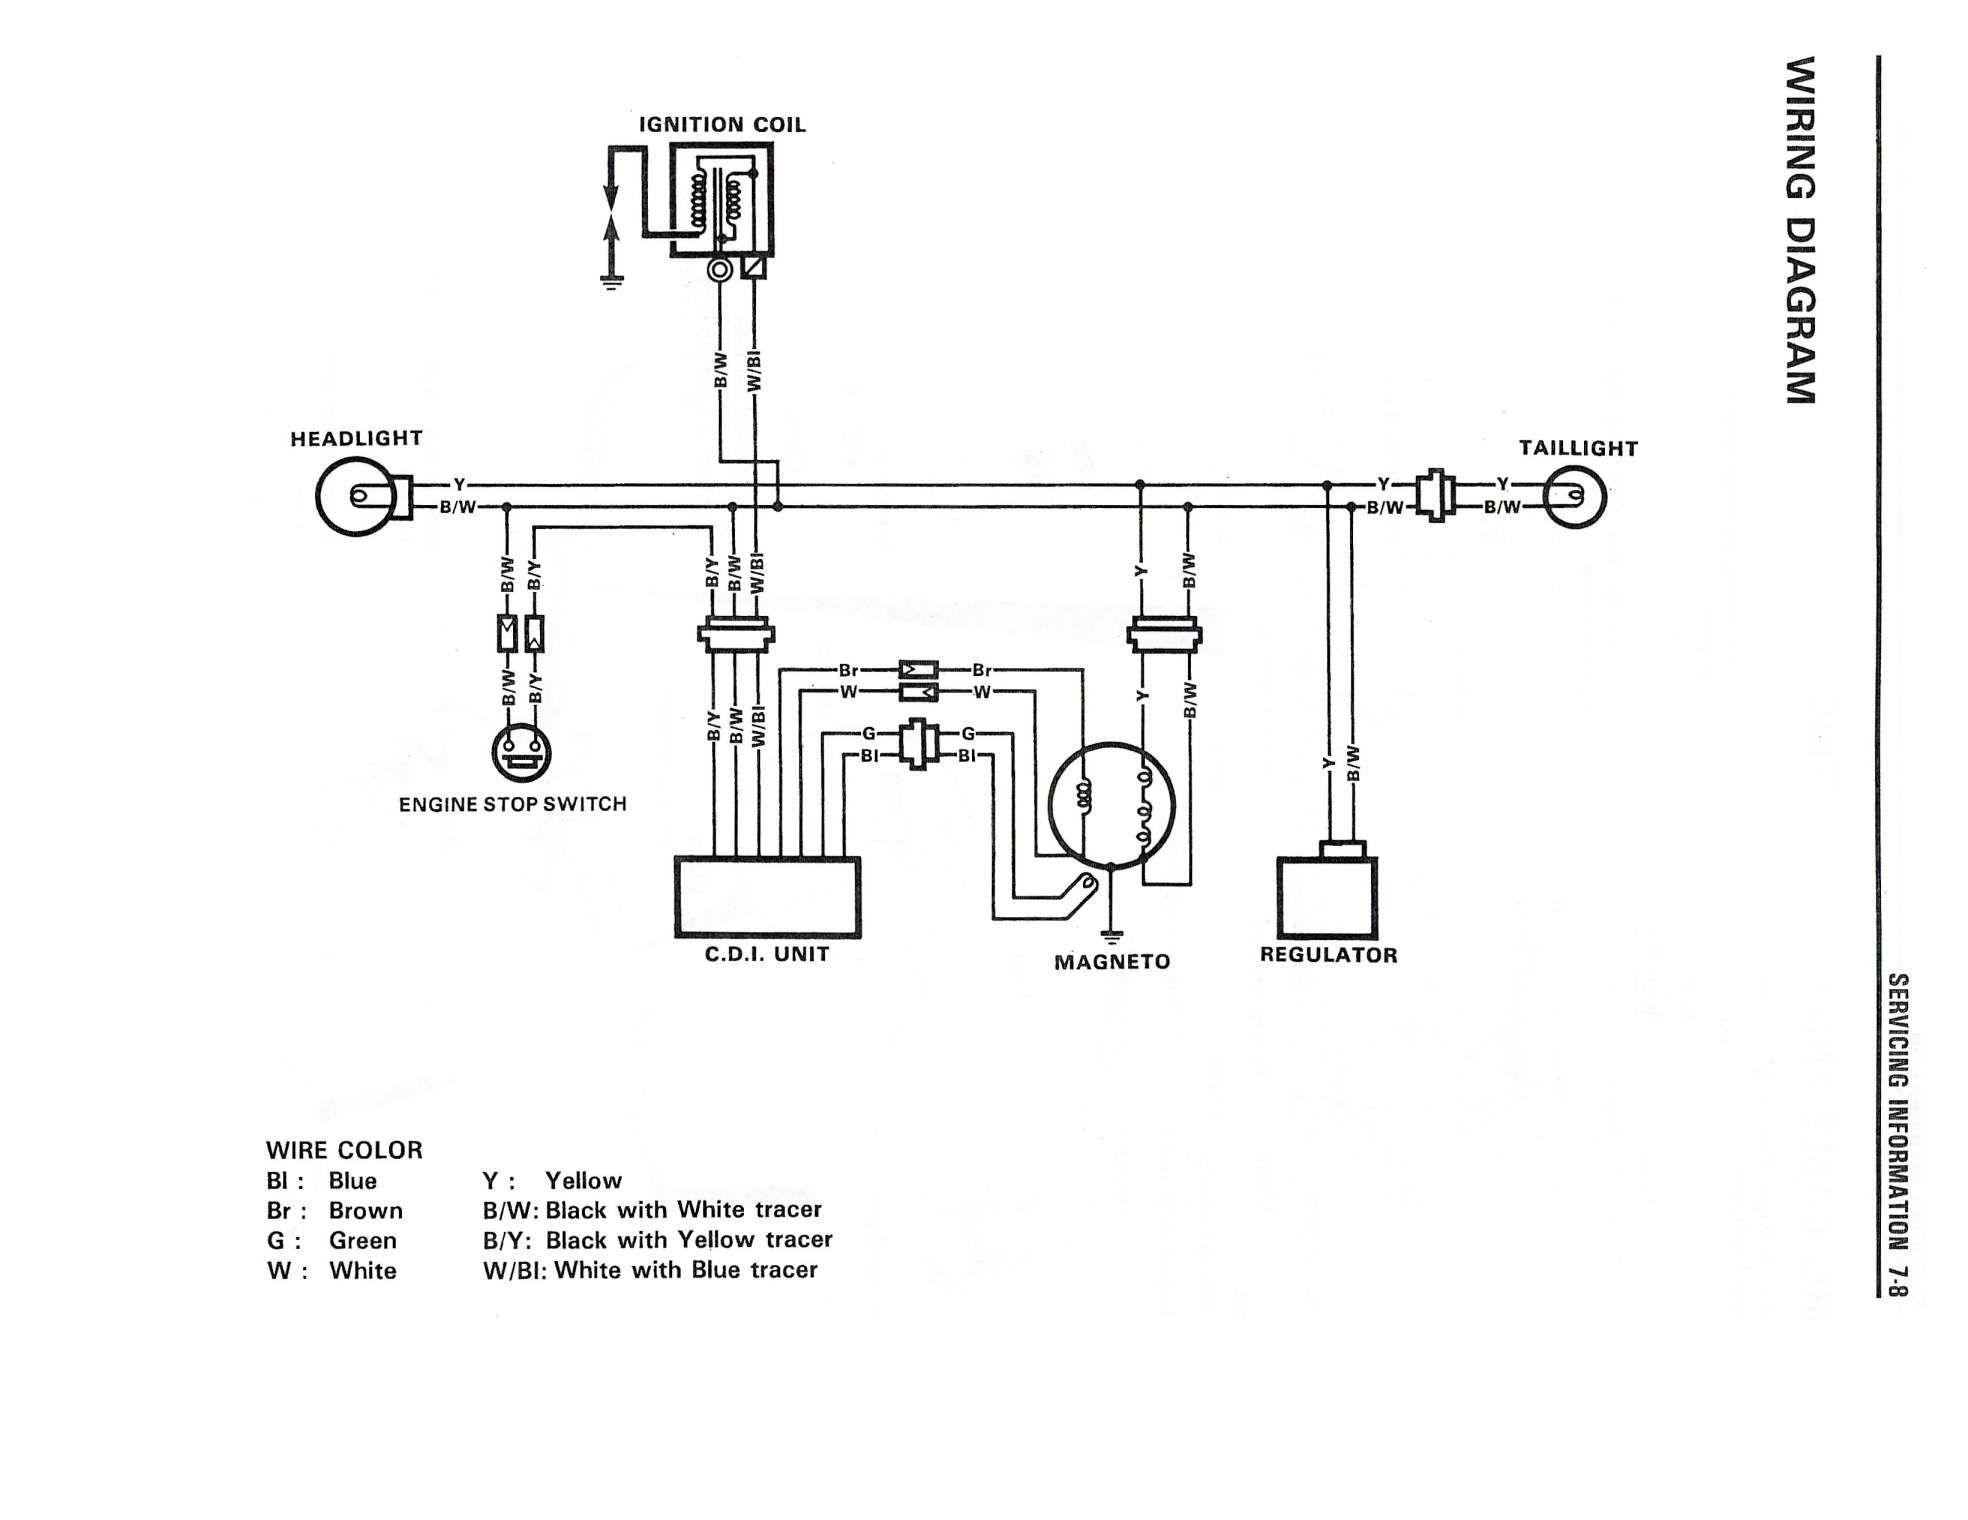 Cdi Circuit Diagram Motorcycle And Dirt Bike Wiring Diagrams Digital Resources